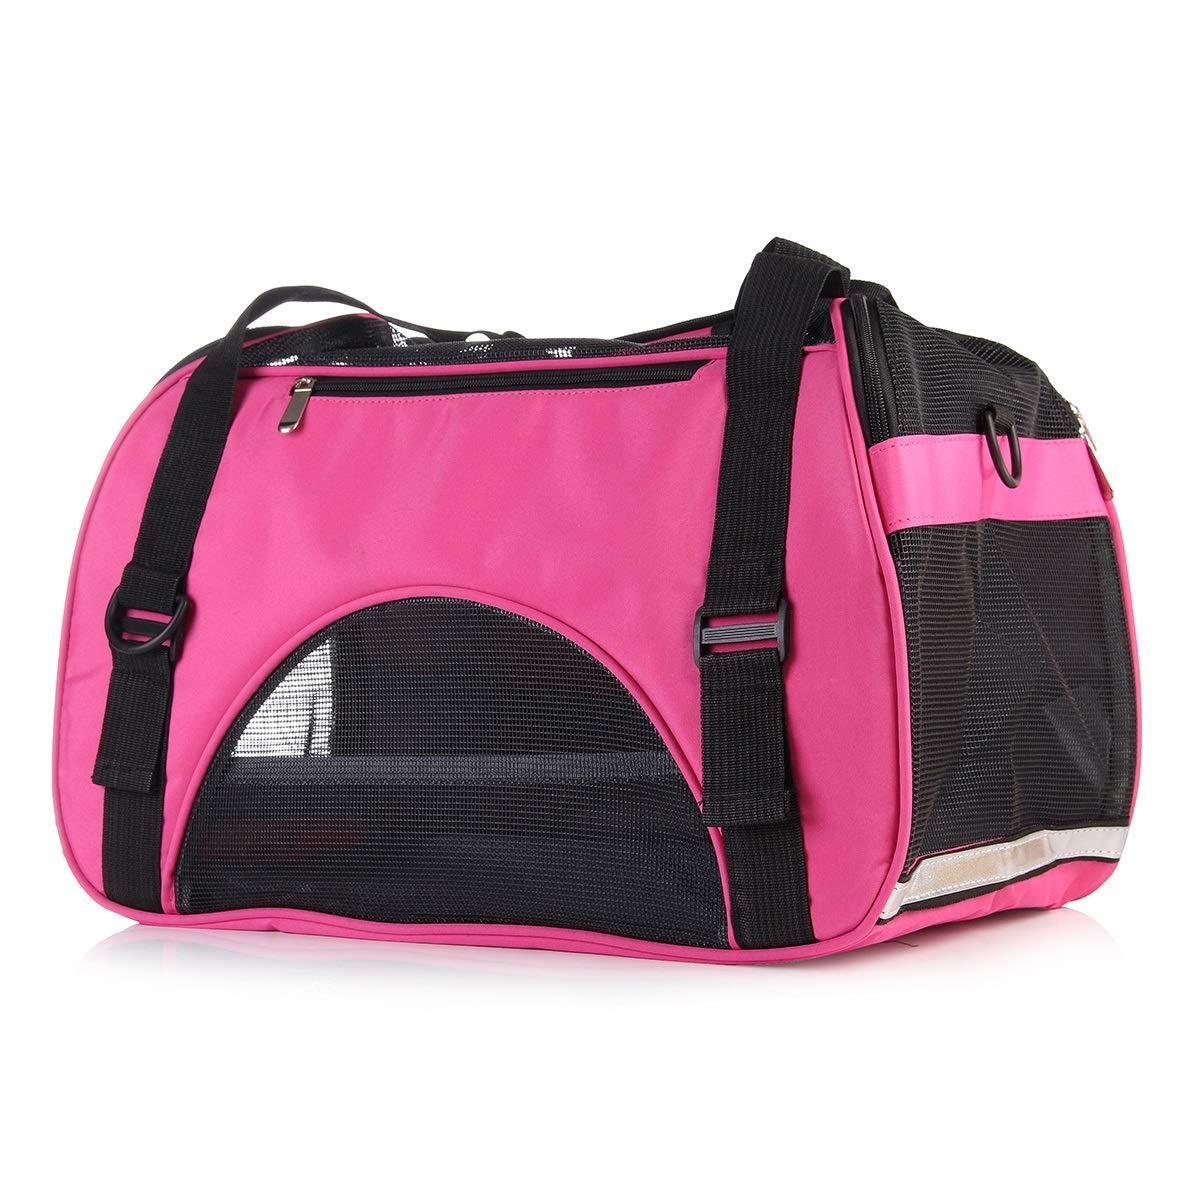 color bluee S color bluee S LYEJM Pet Carrier Pet Travel Portable Bag Carrier Soft Side Bags for Dogs and Cats LYEJM (color   color bluee, Size   S)